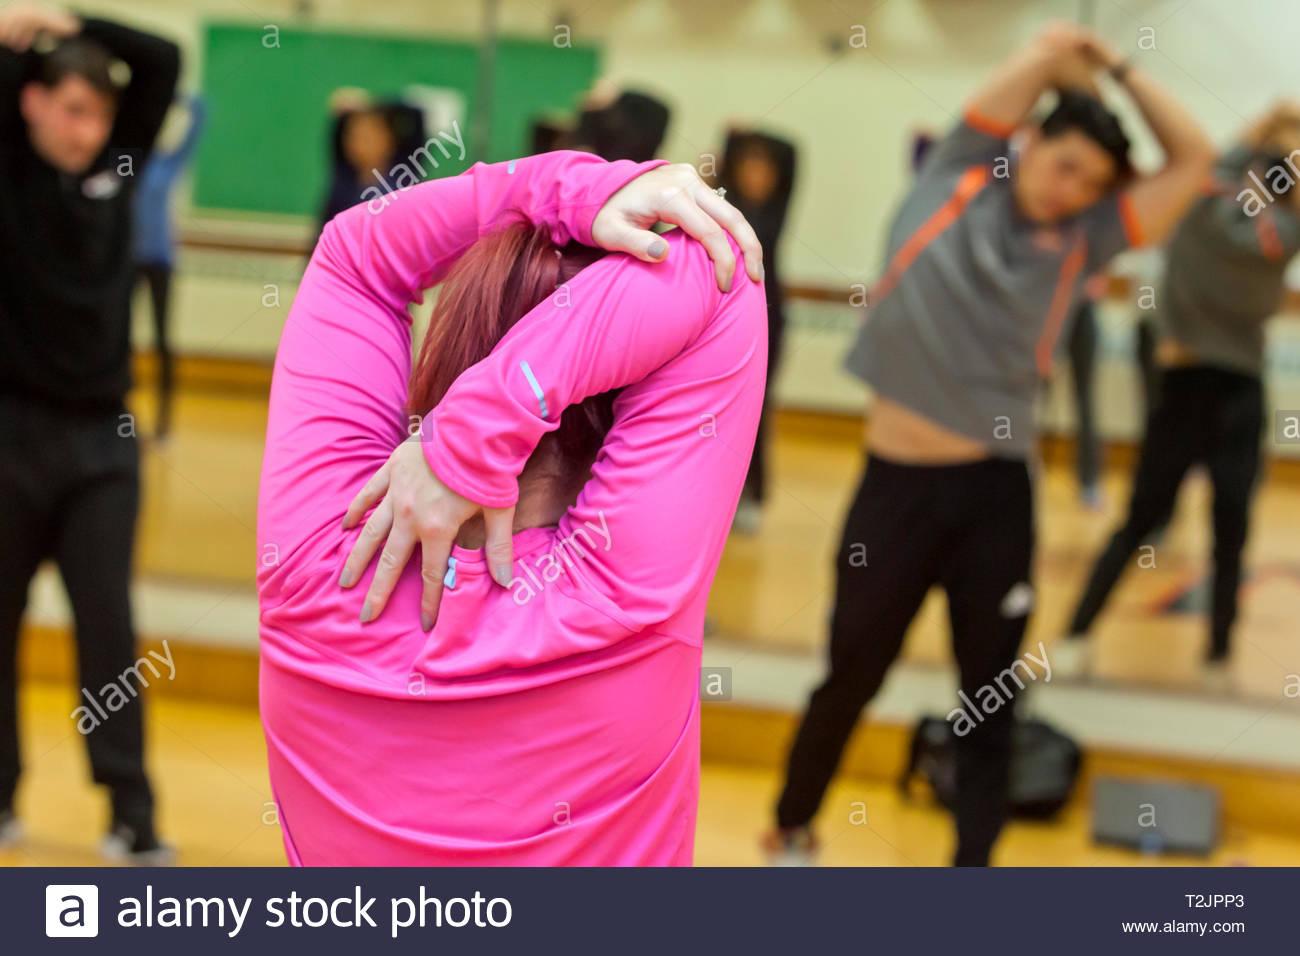 Hombres y mujeres en una clase de ejercicios en un gimnasio. Imagen De Stock